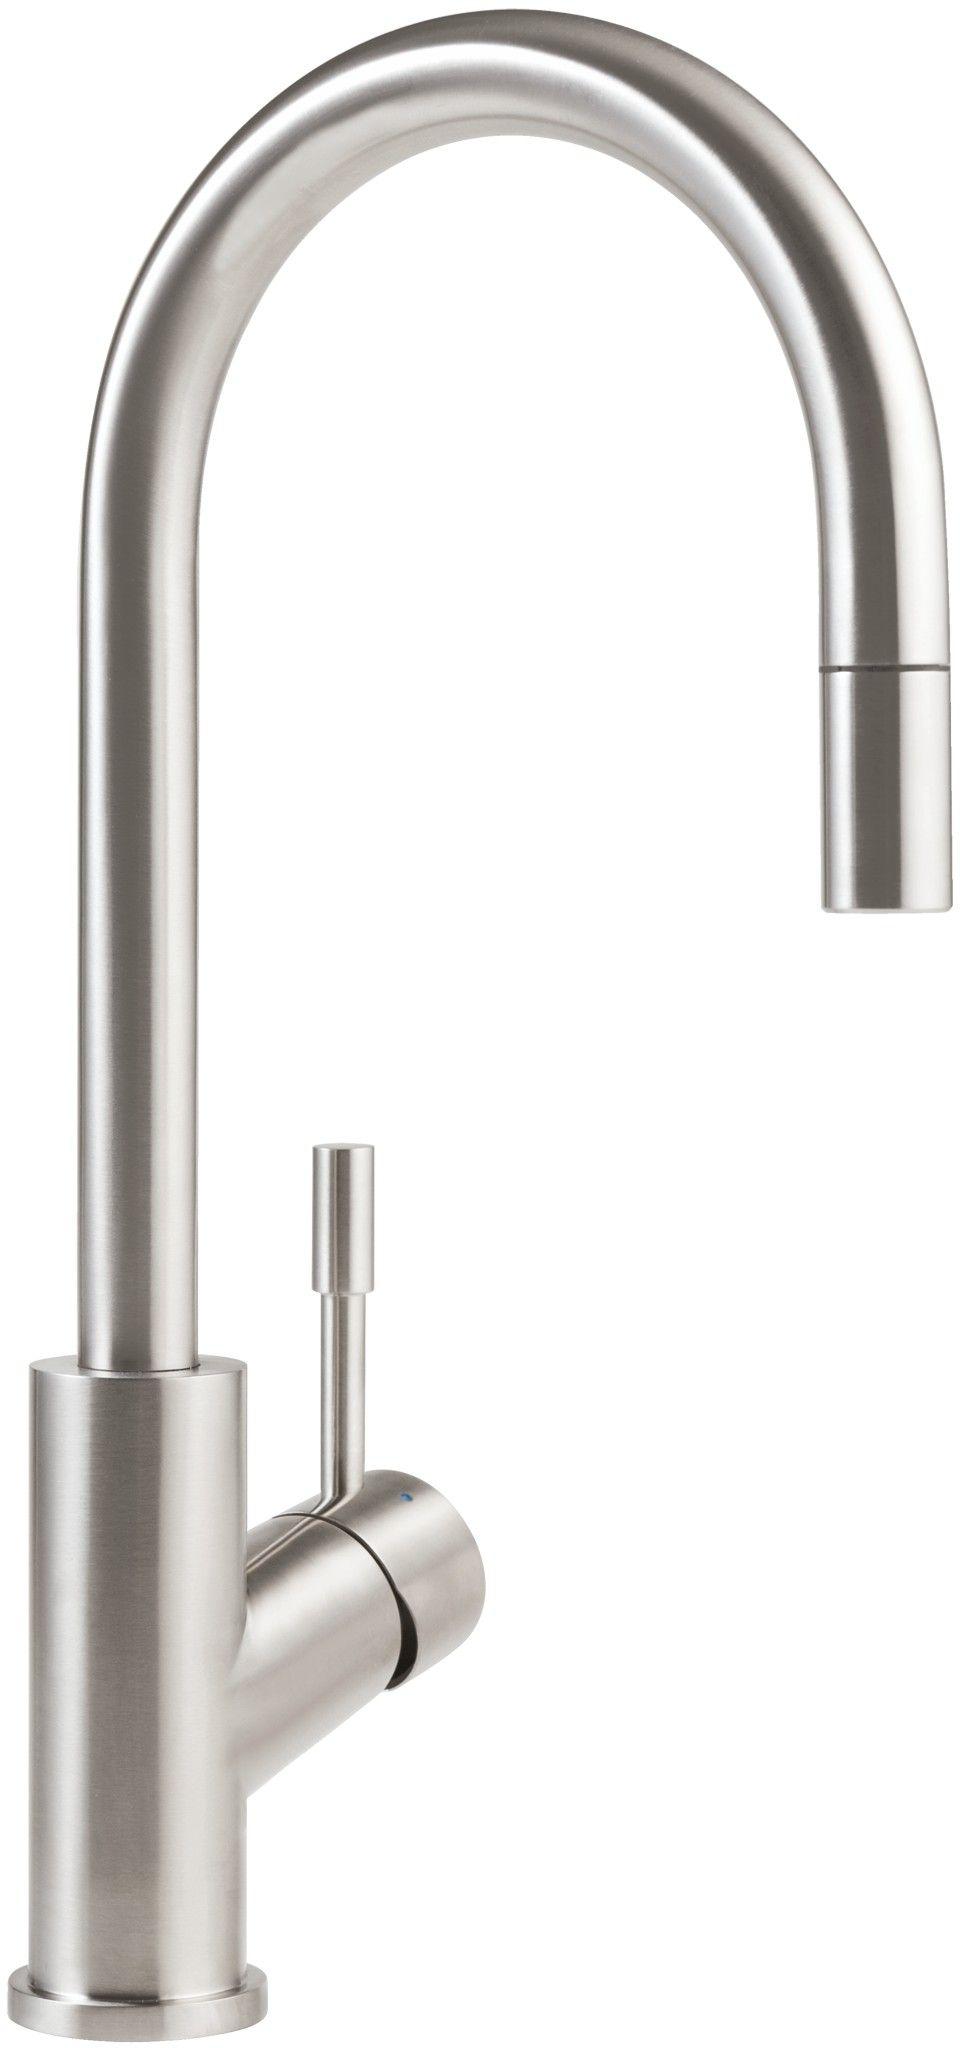 Villeroy Boch Umbrella Stainless Steel Kitchen Sink Mixer Tap